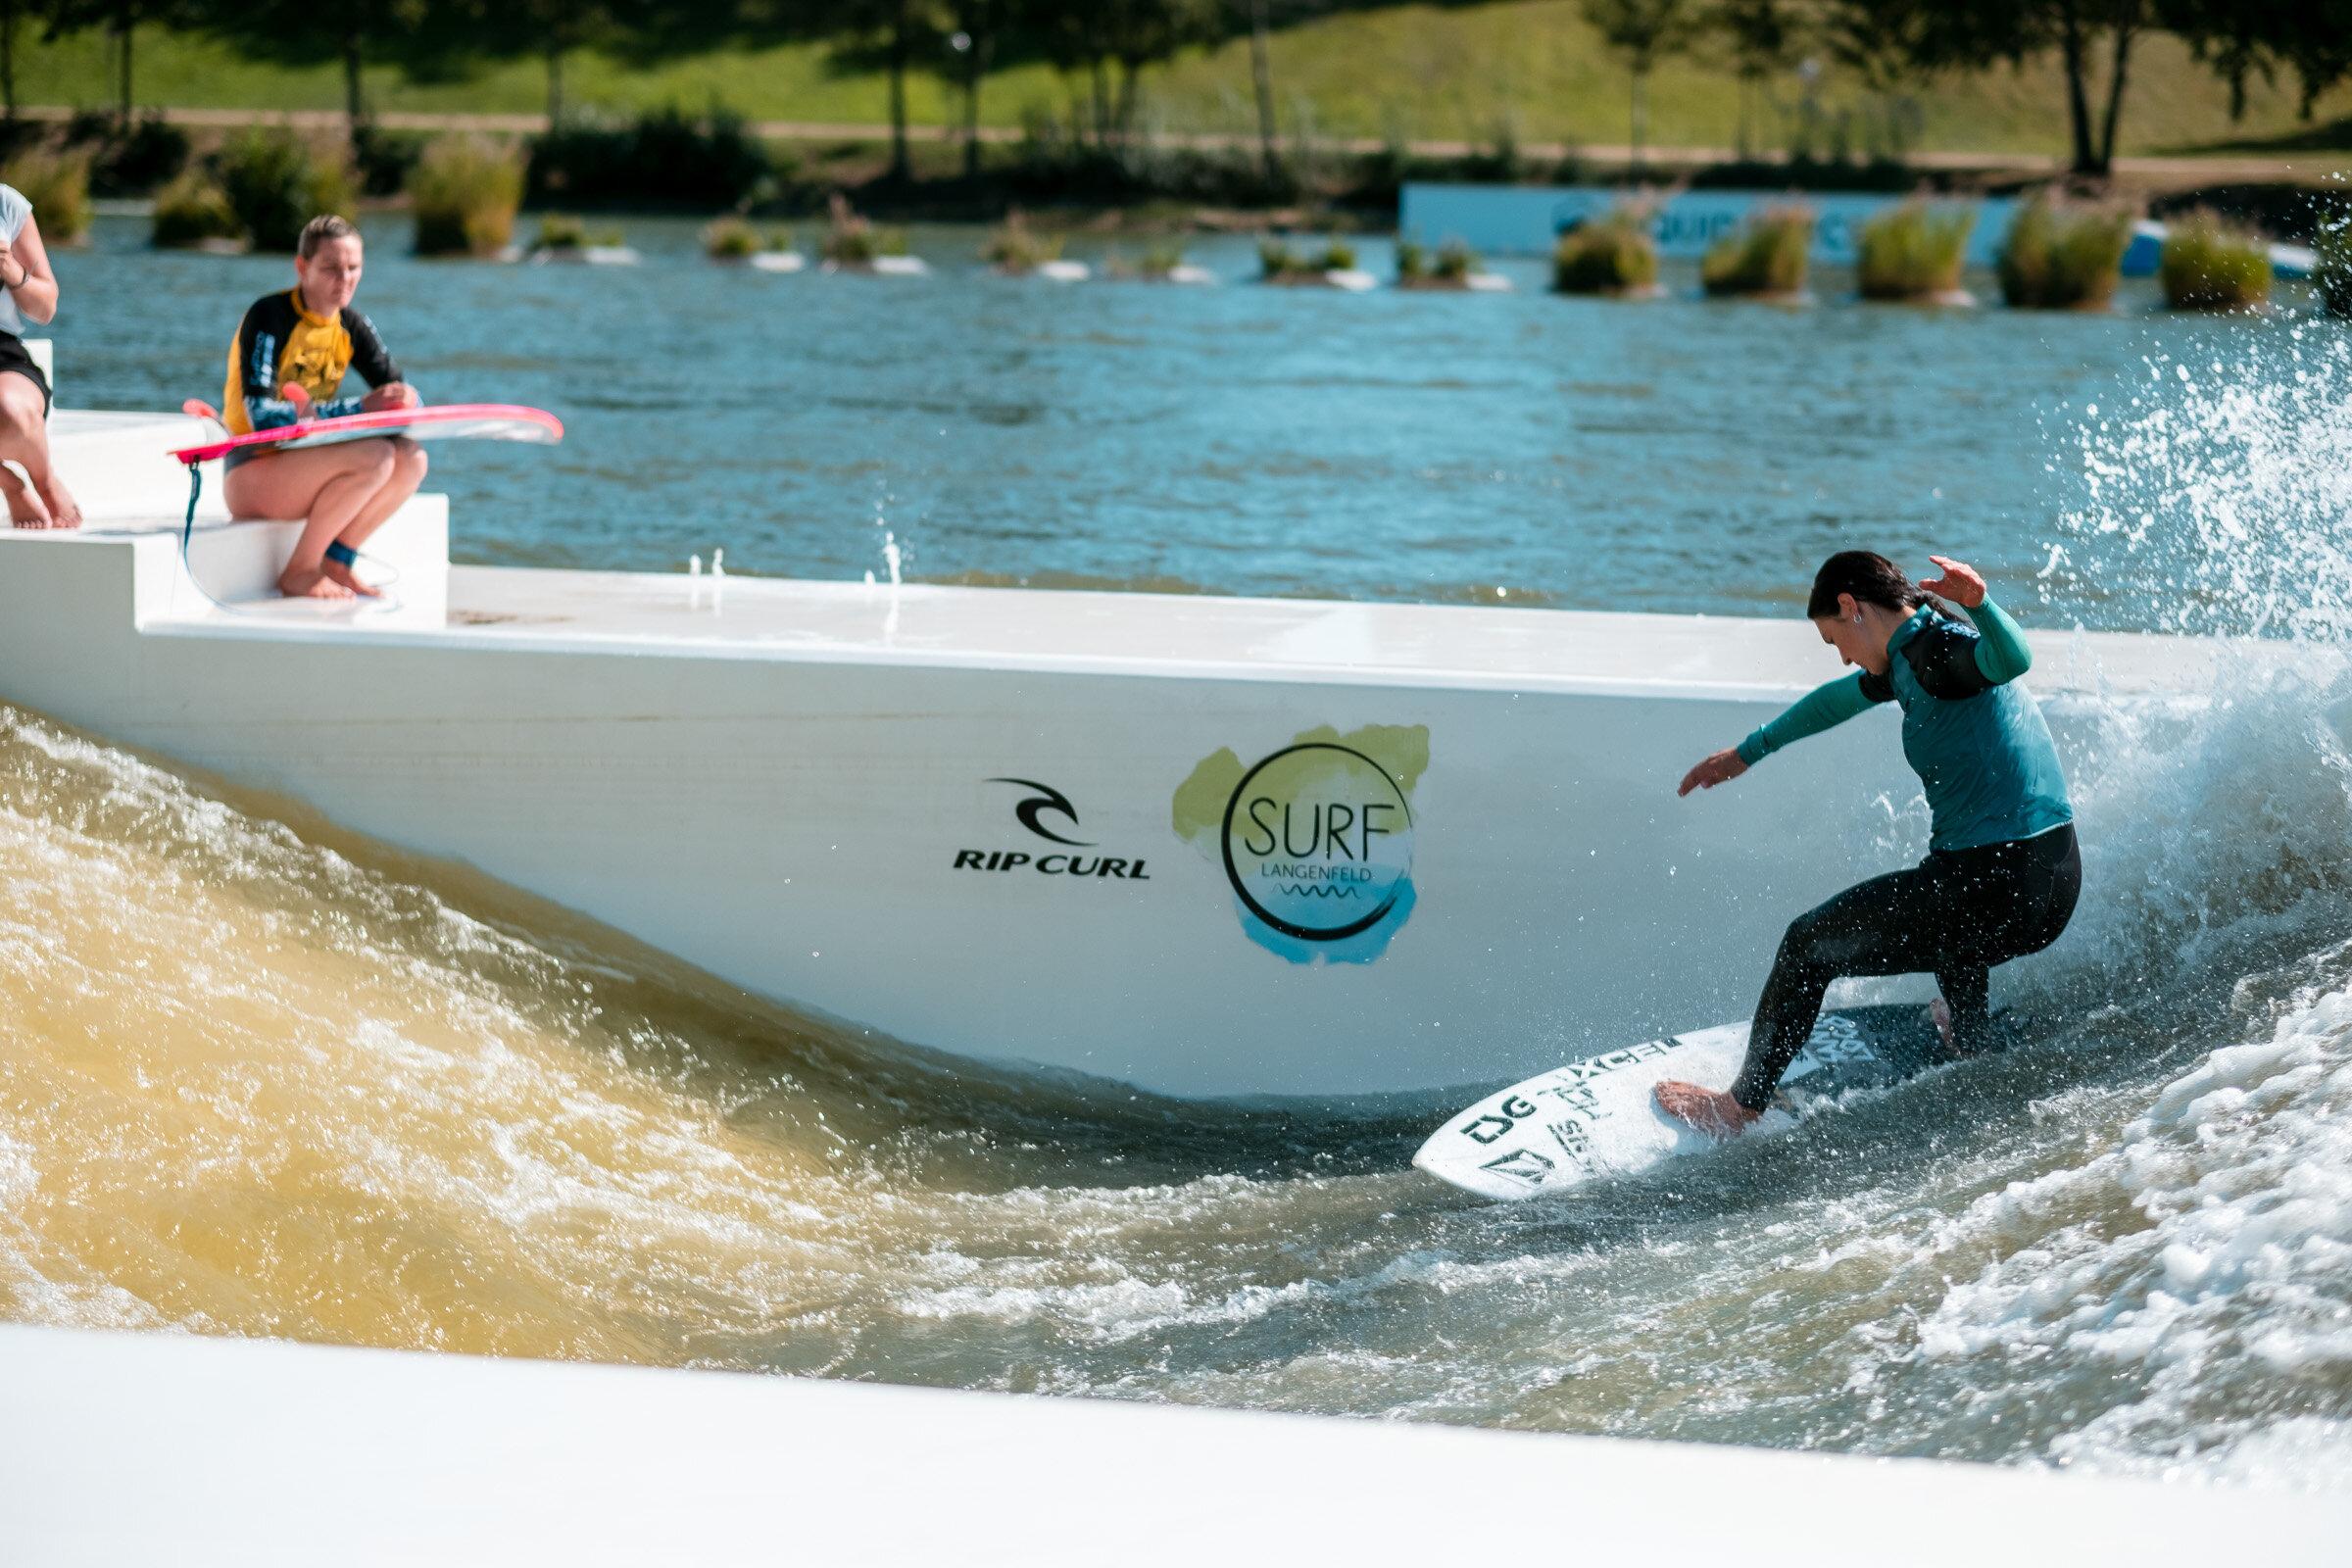 rapid-surf-contest-derKristof-121.jpg